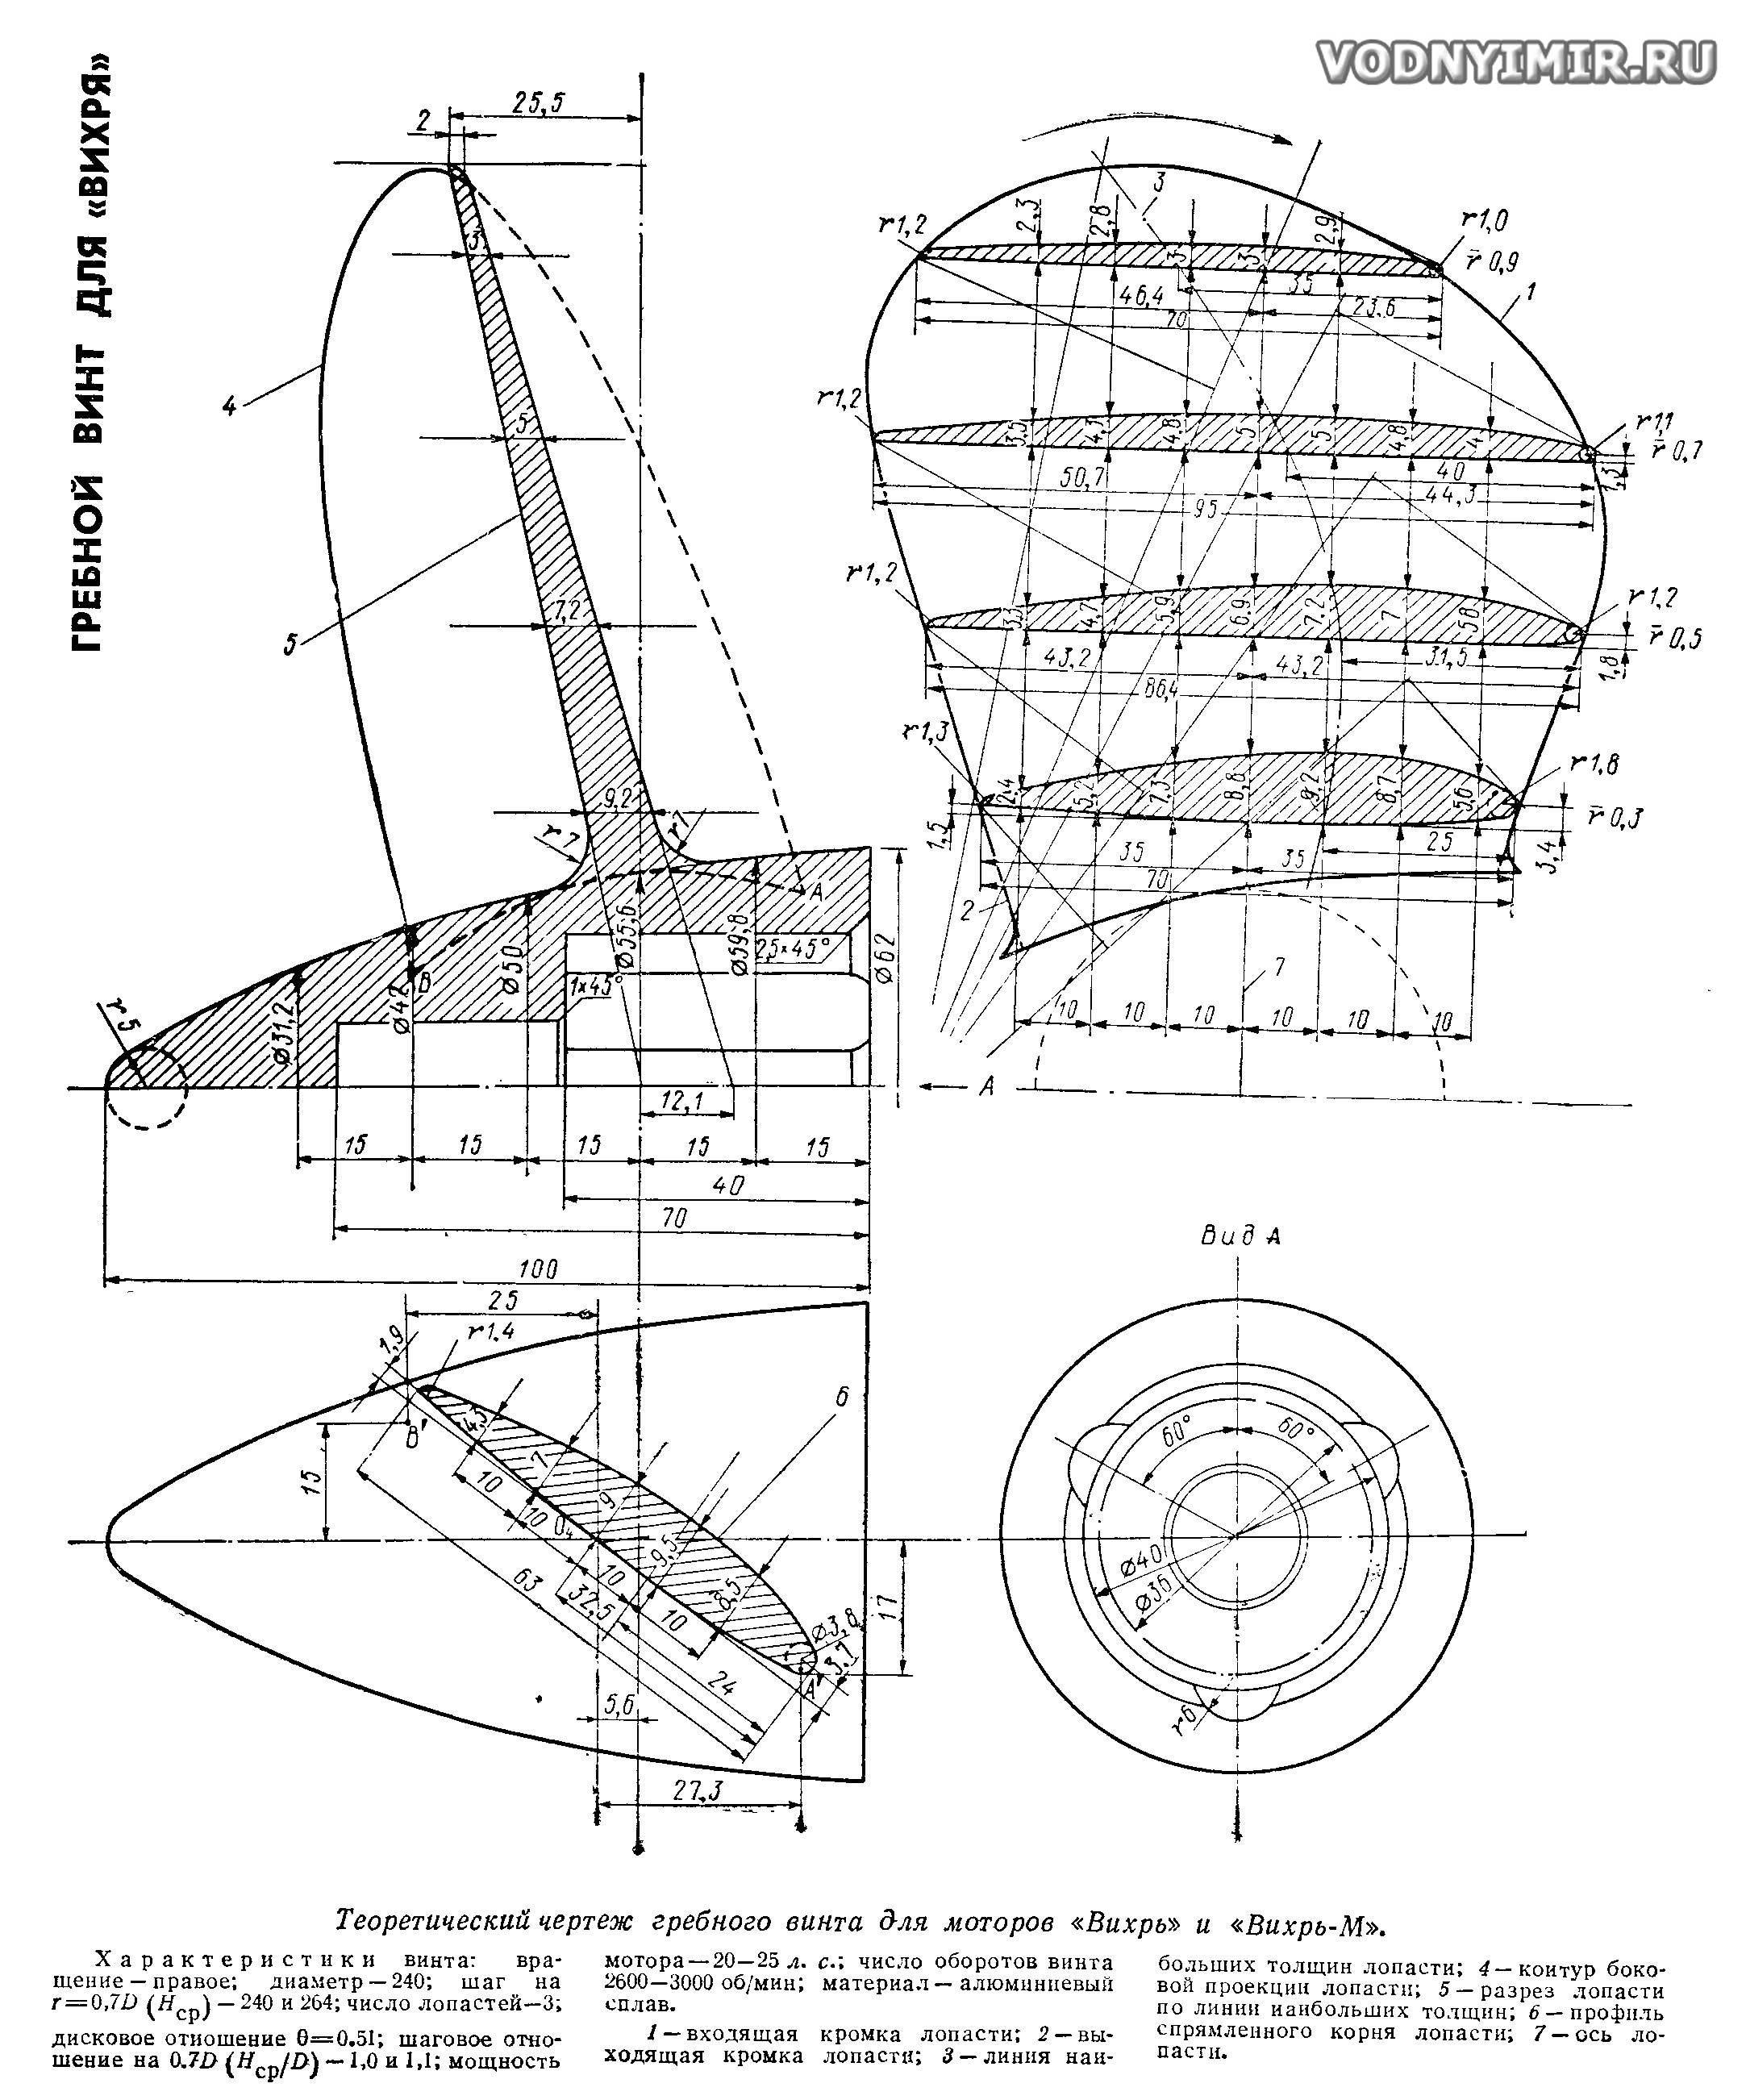 профиль винта лодочного мотора